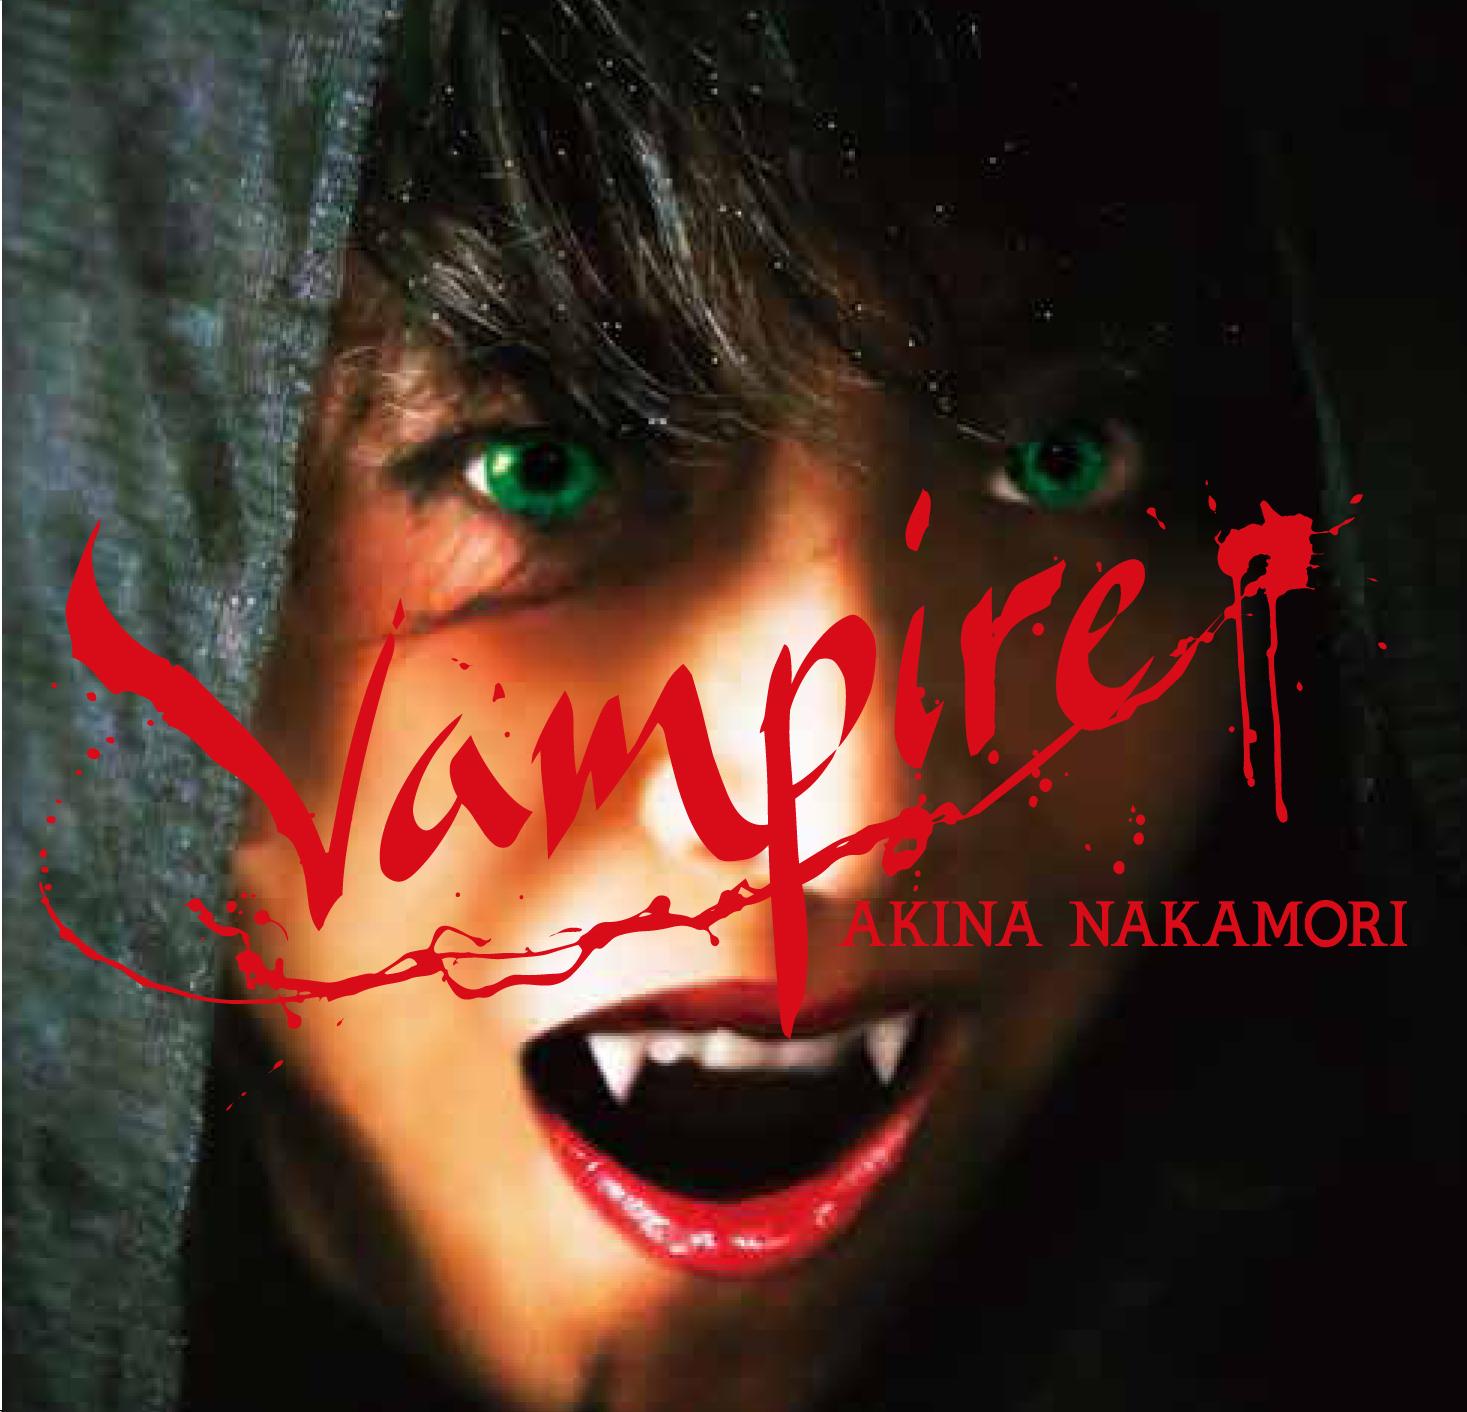 中森明菜『vampire』